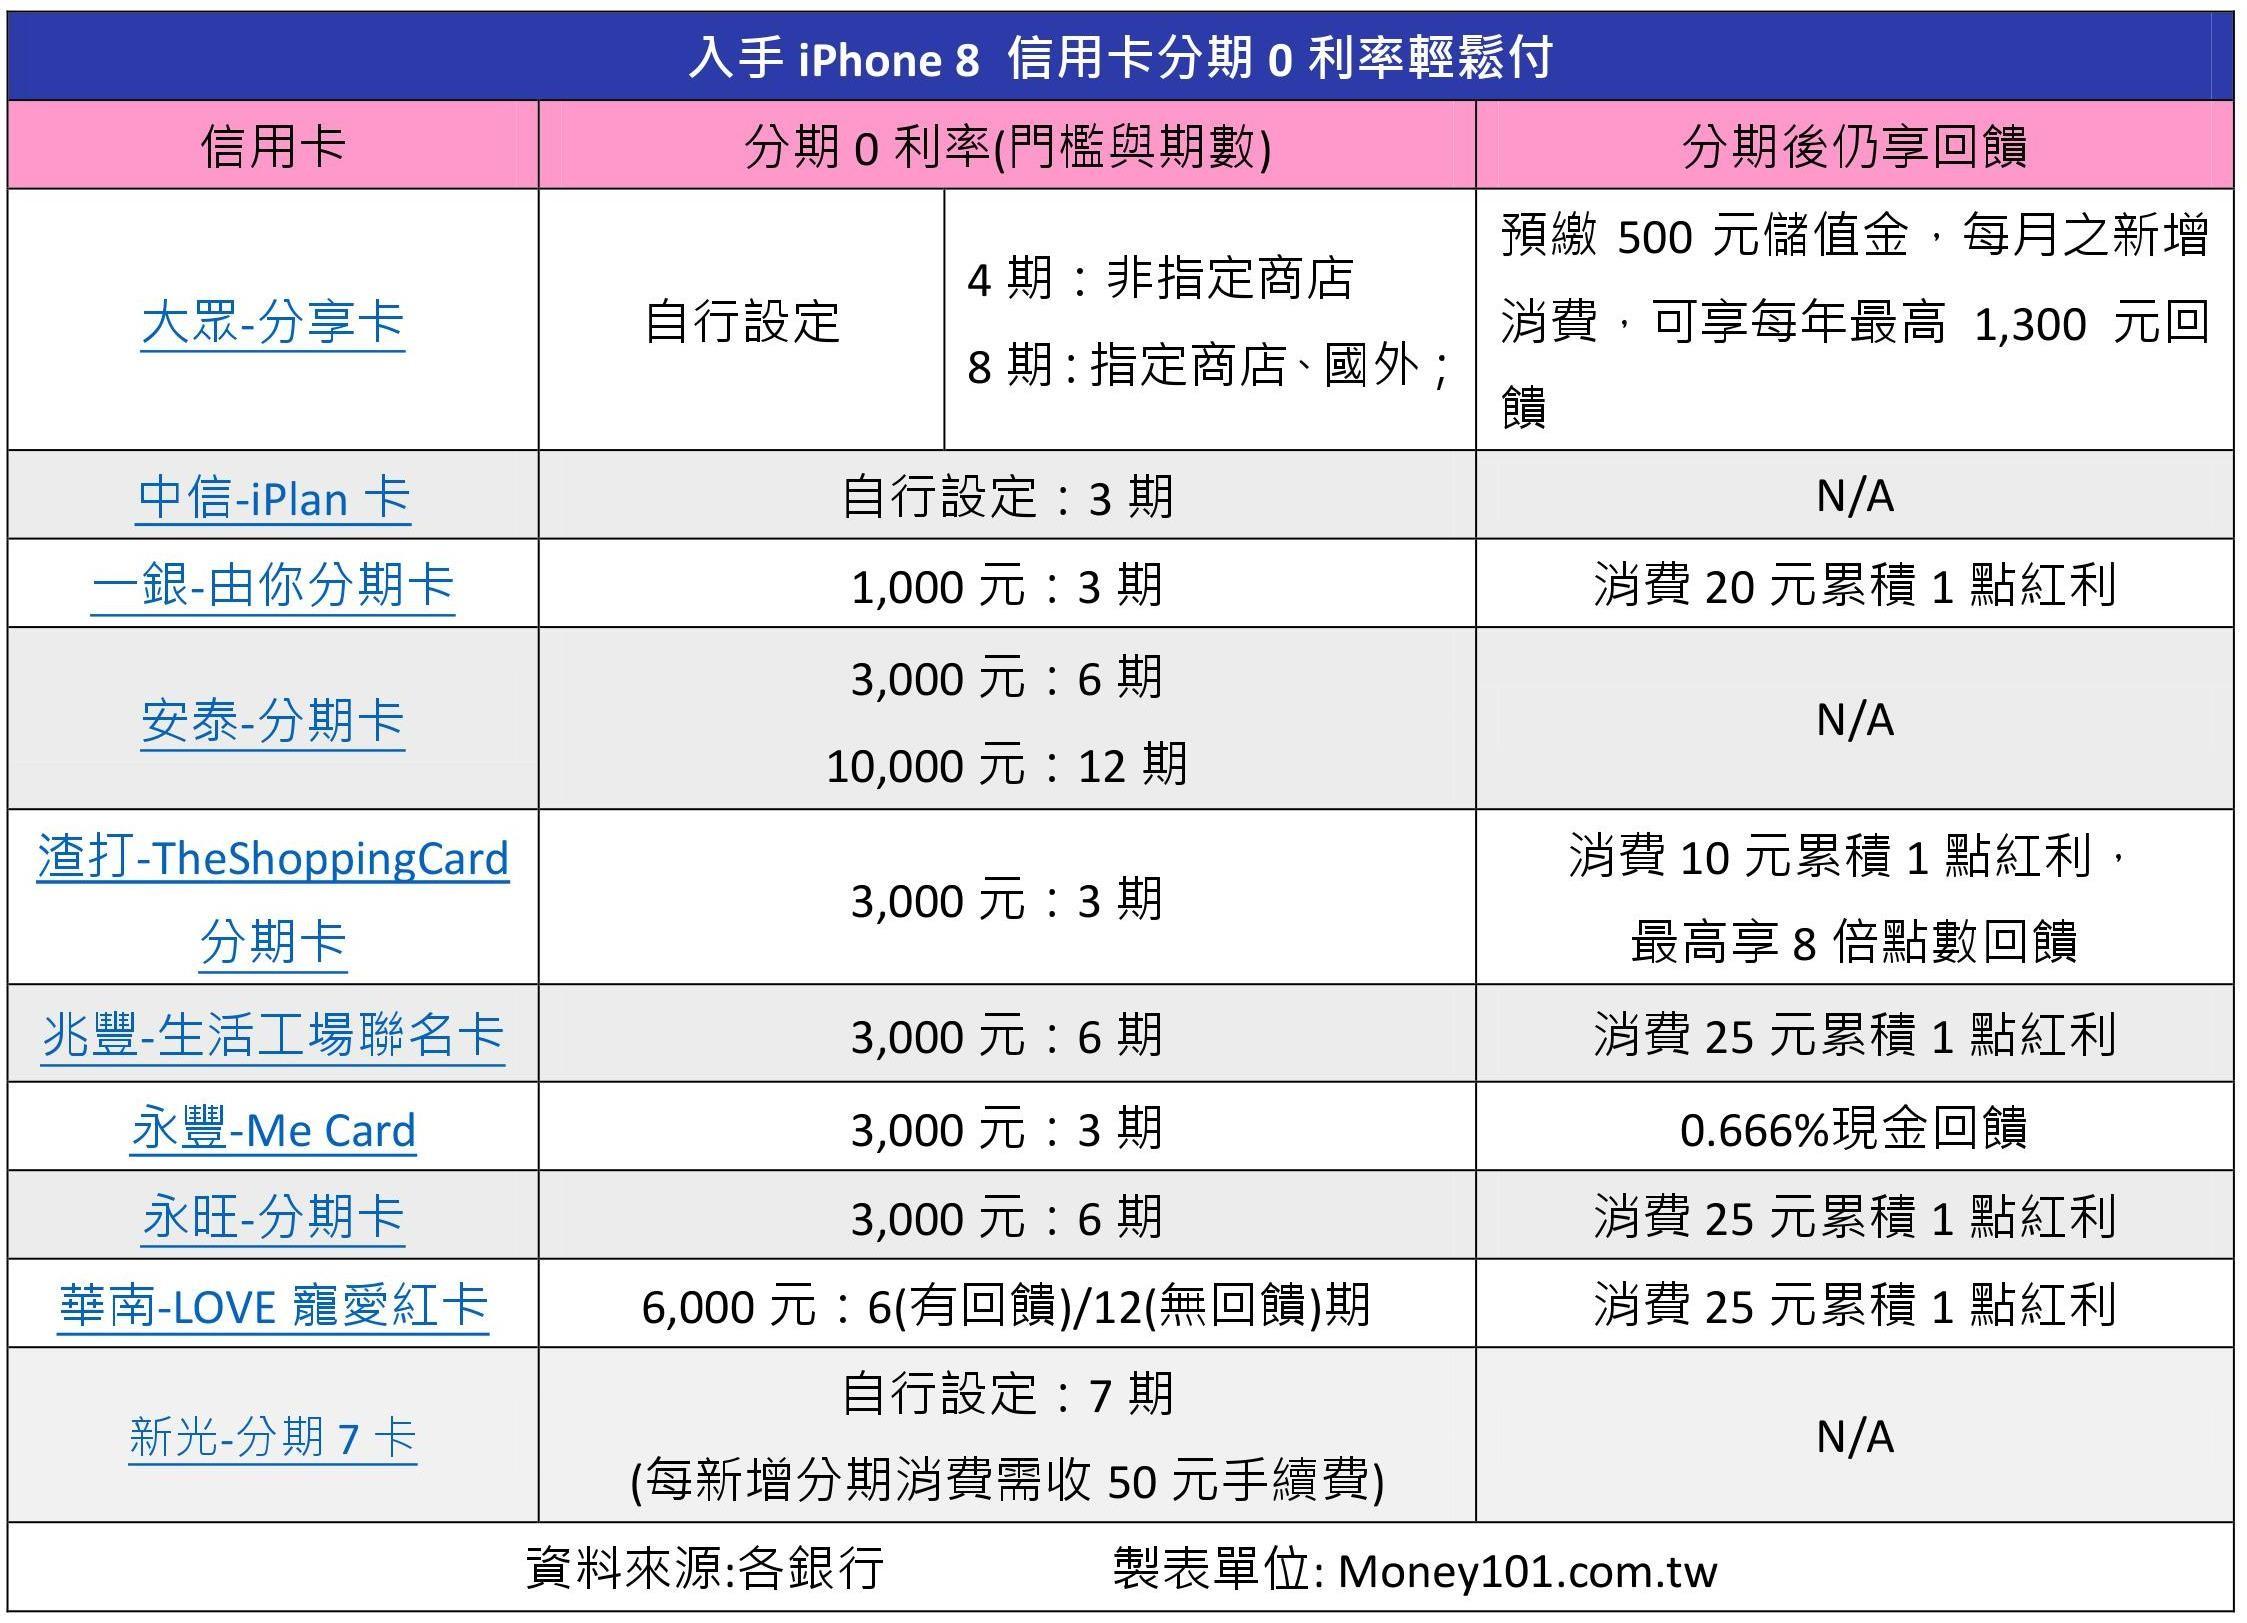 ▲▼入手iPhone 8 信用卡分期0利率輕鬆付。(圖/Money101.com.tw提供)